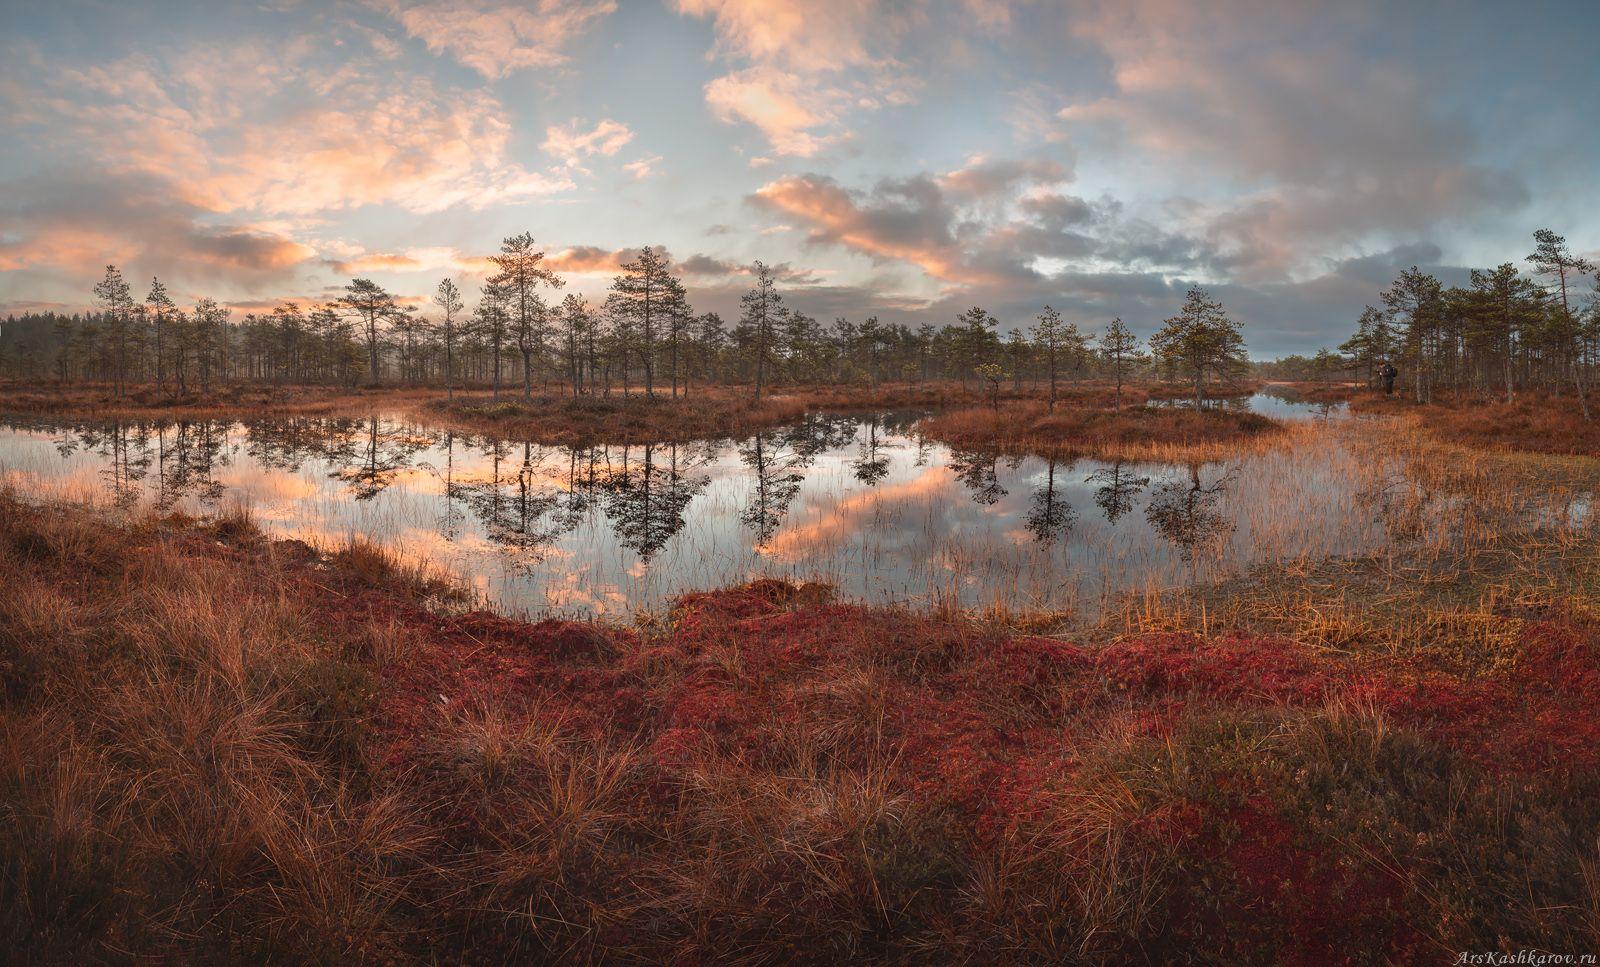 ленинградская область, ленобласть, болото, болотное озеро, мох, сосны, отражение, краски осени, Арсений Кашкаров